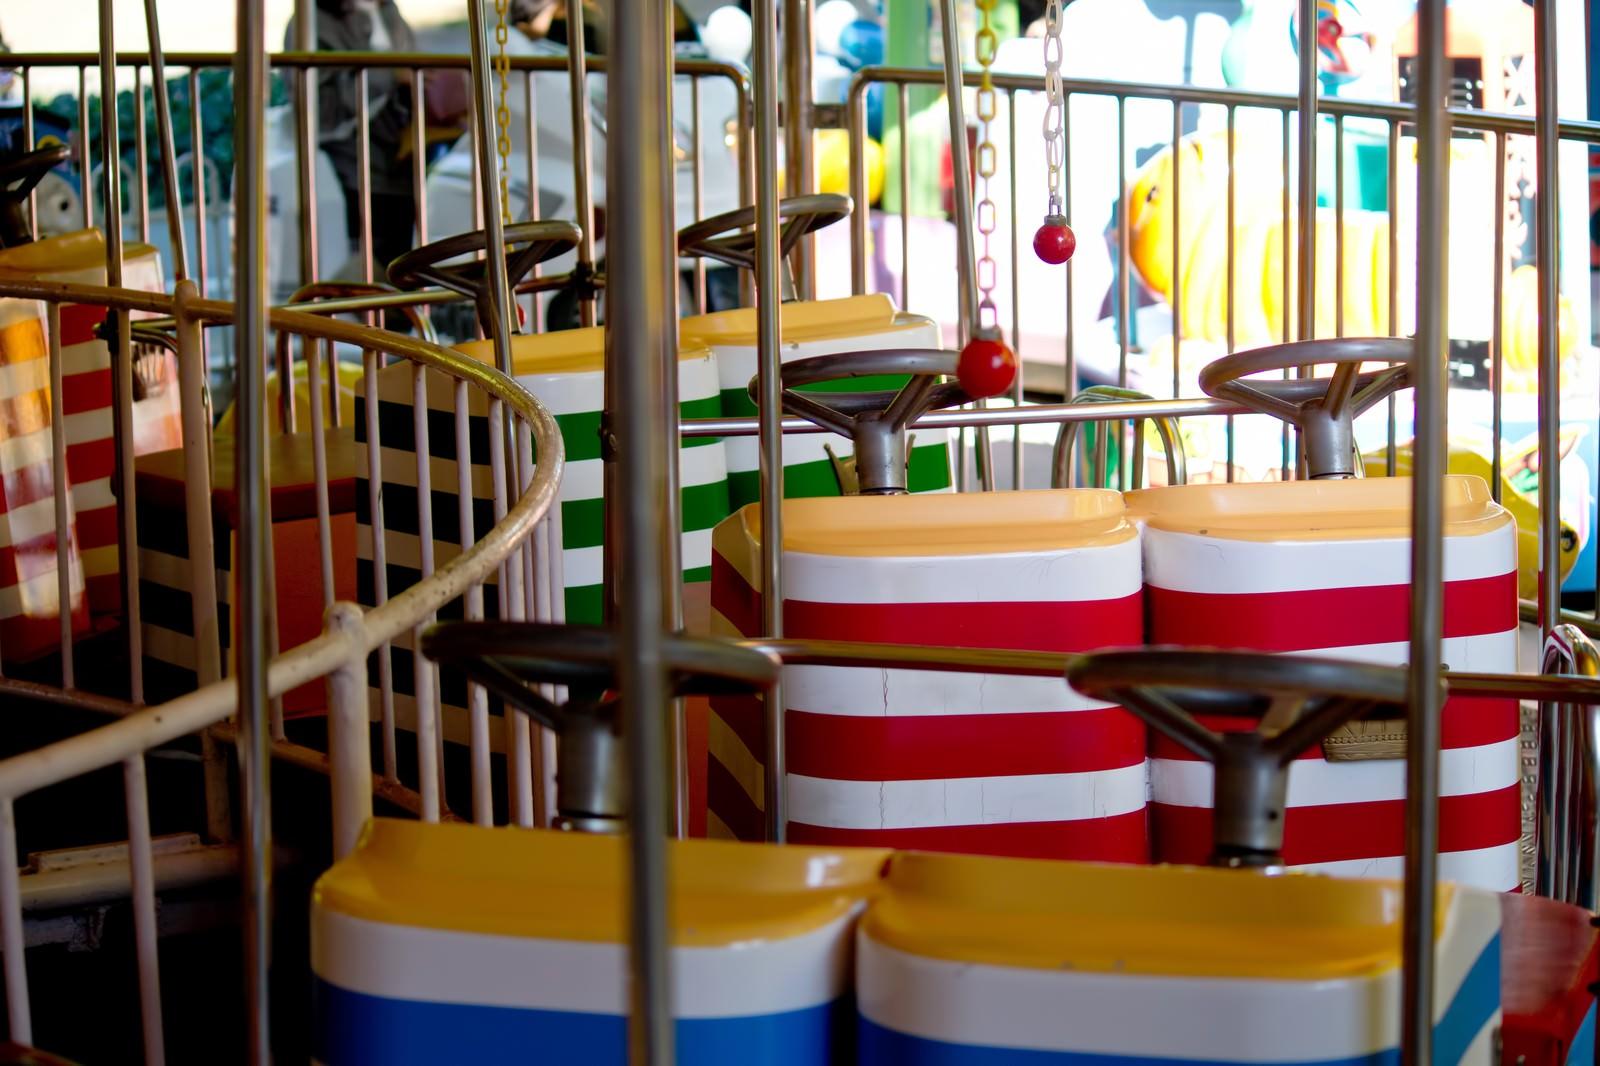 「子供用の遊園地の乗り物」の写真